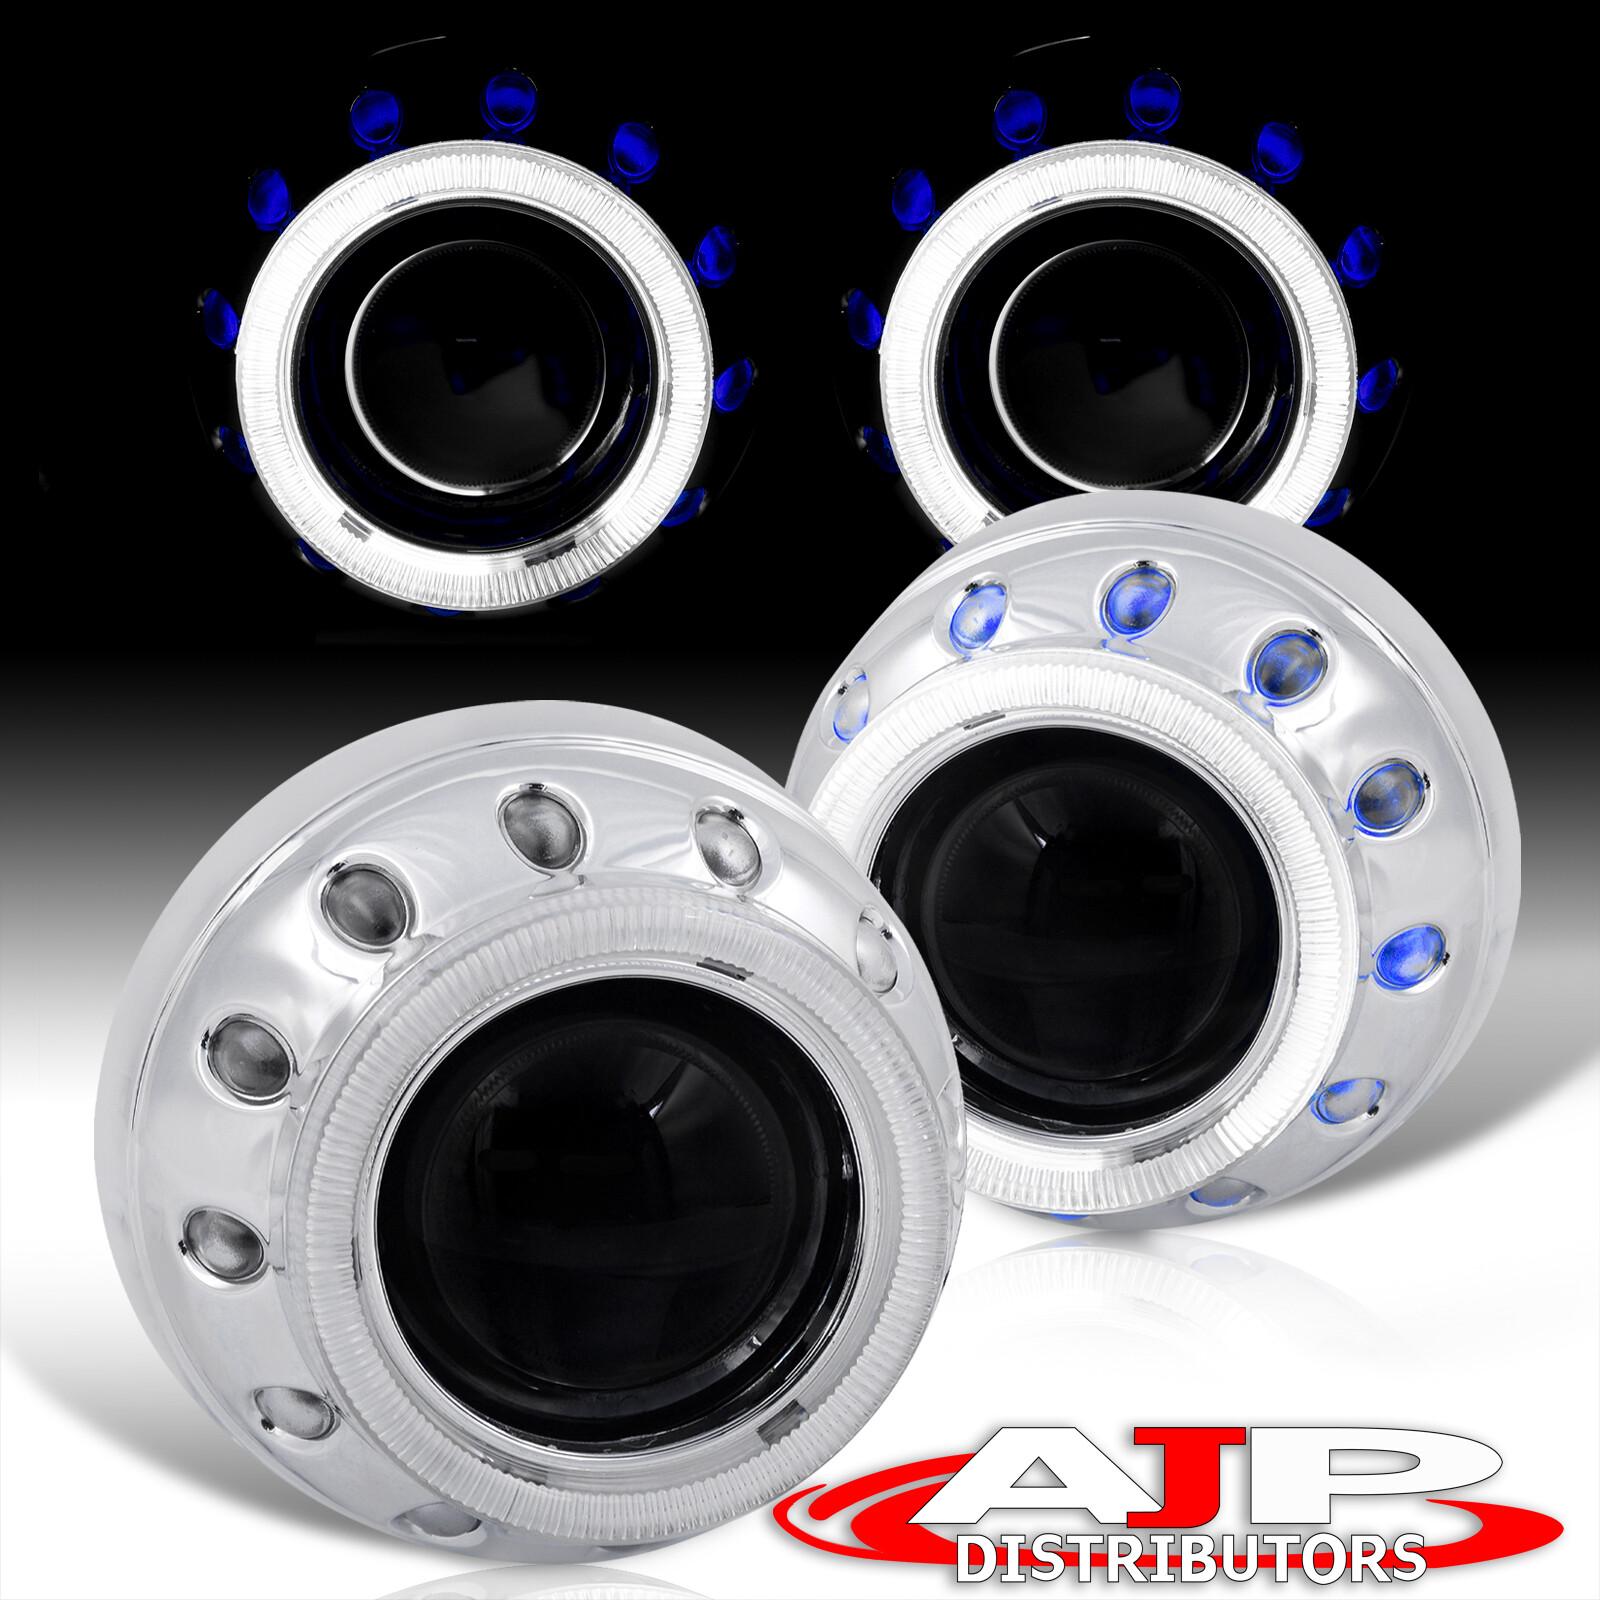 For Audi Volvo Headlight Retrofit Projector Bi Xenon Dual